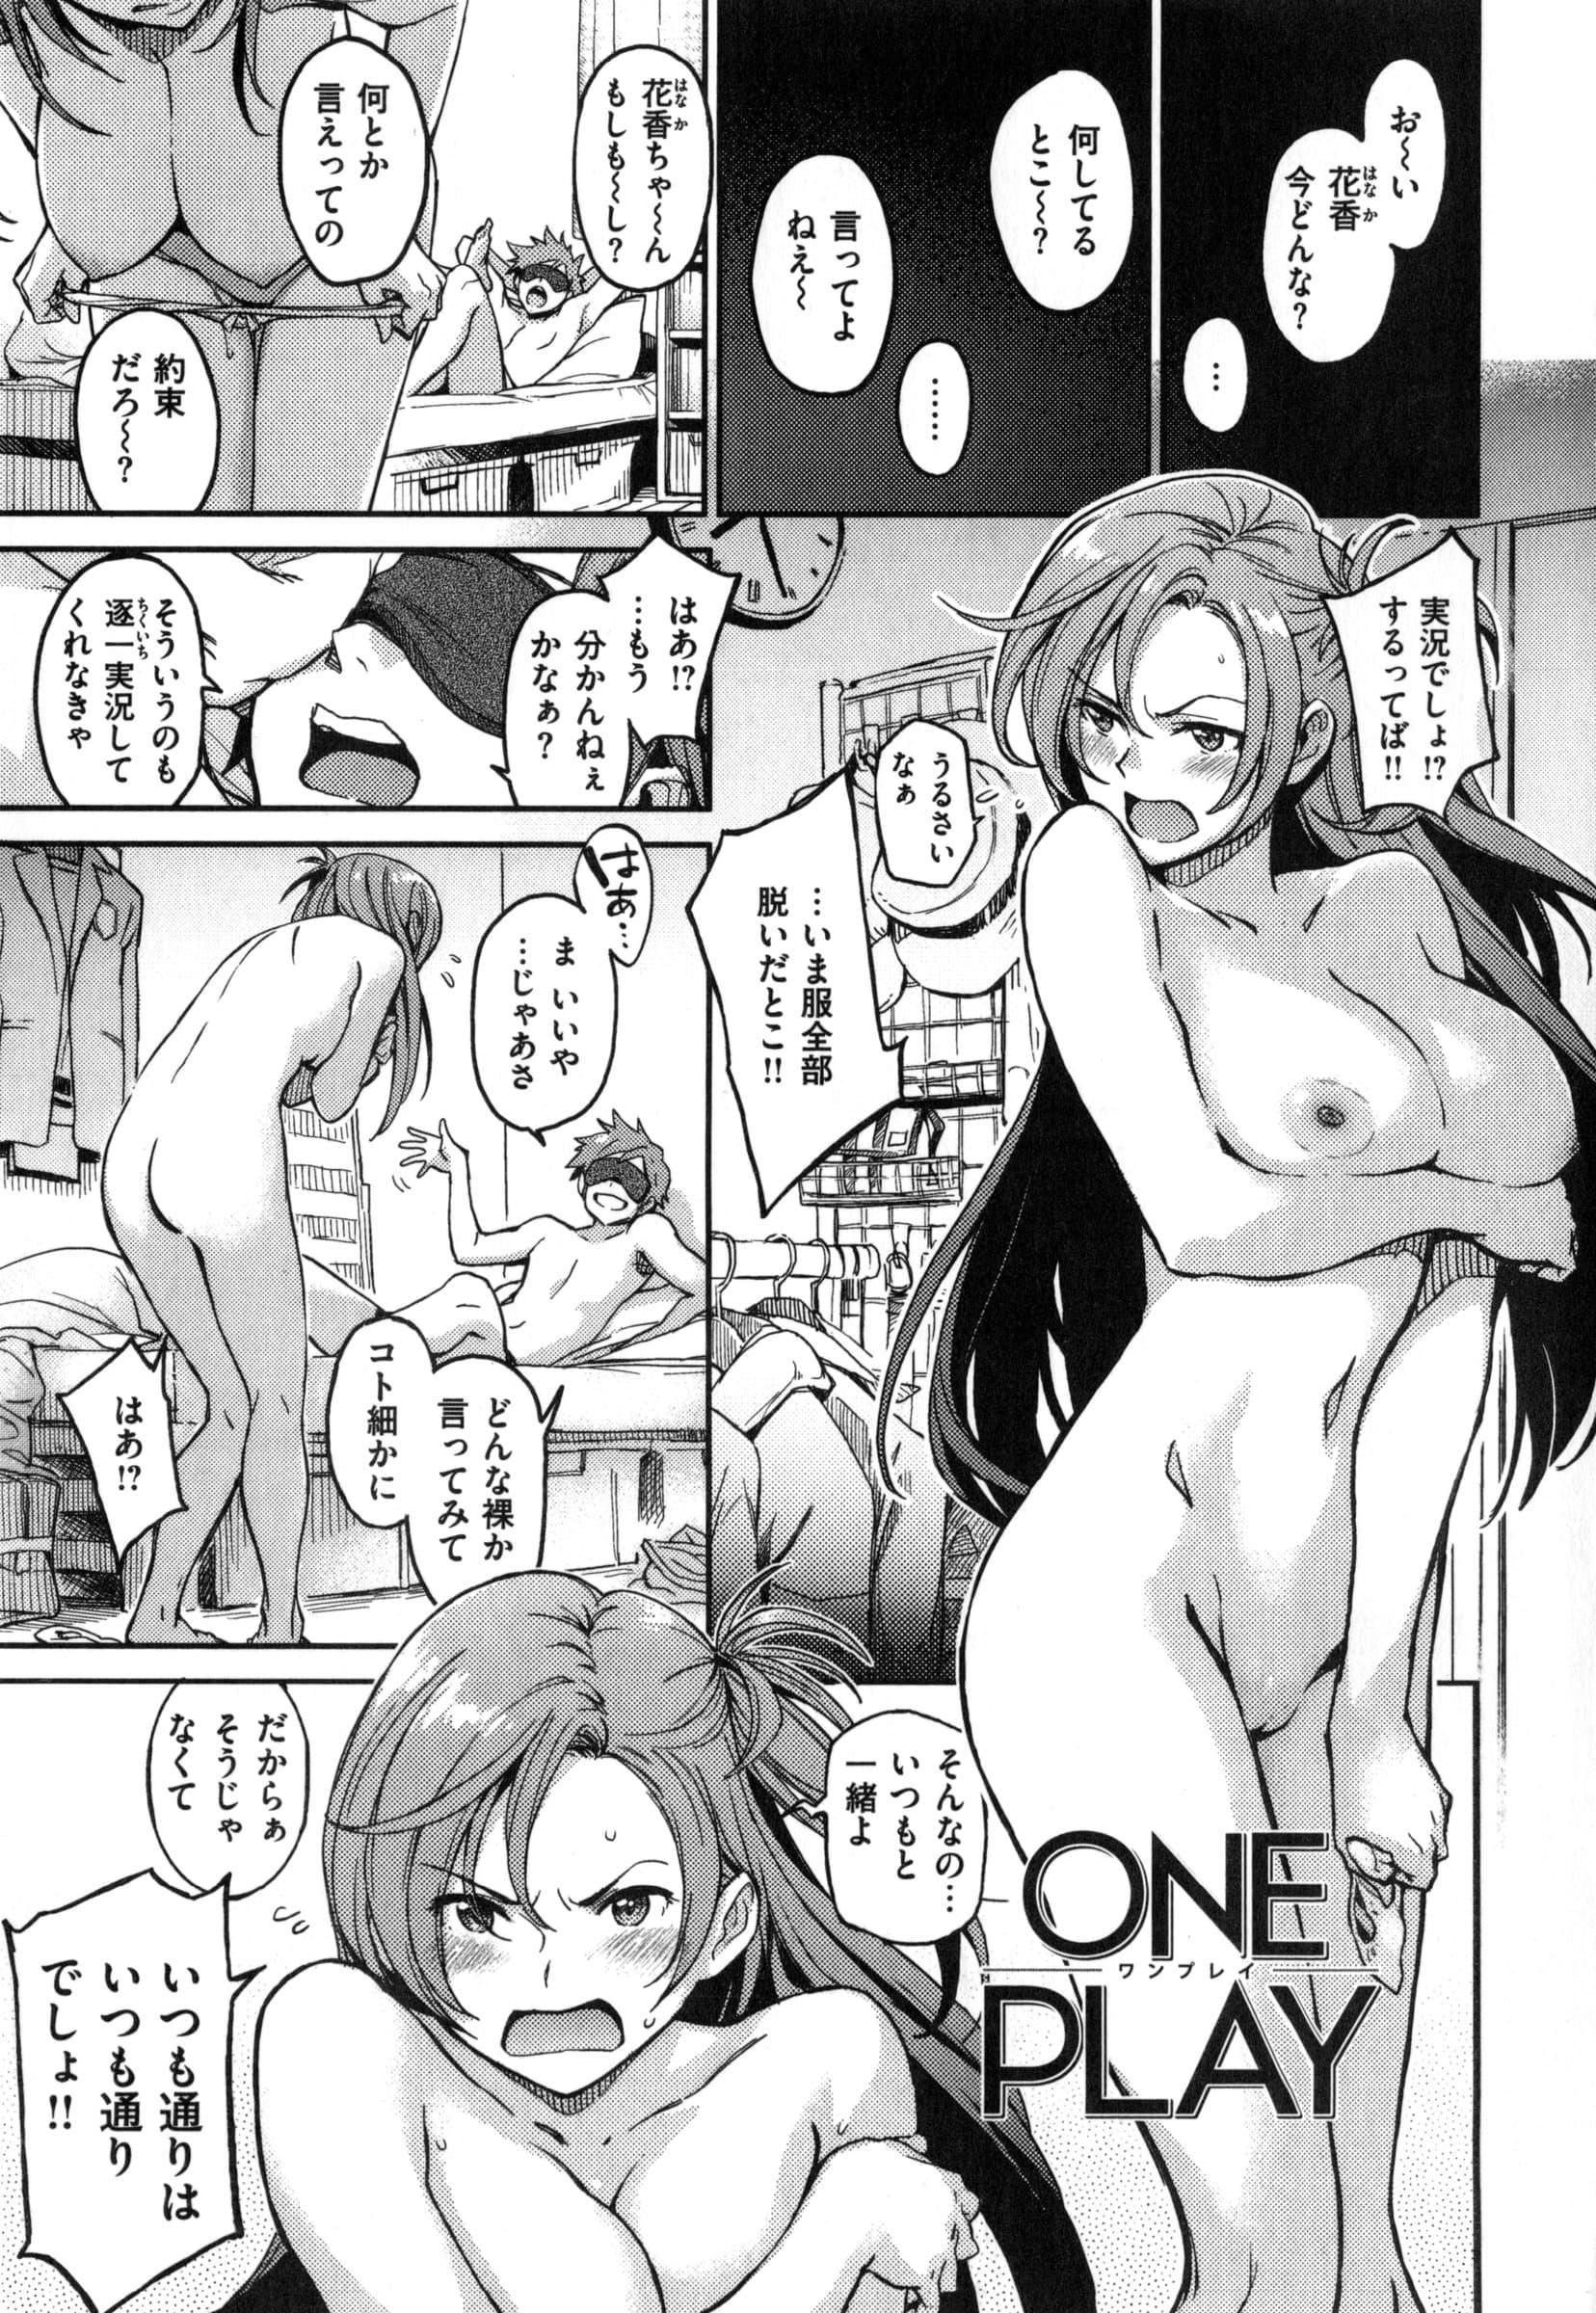 エロ マンガ コレクター エロ漫画の鬼神-無料エロマンガ同人誌